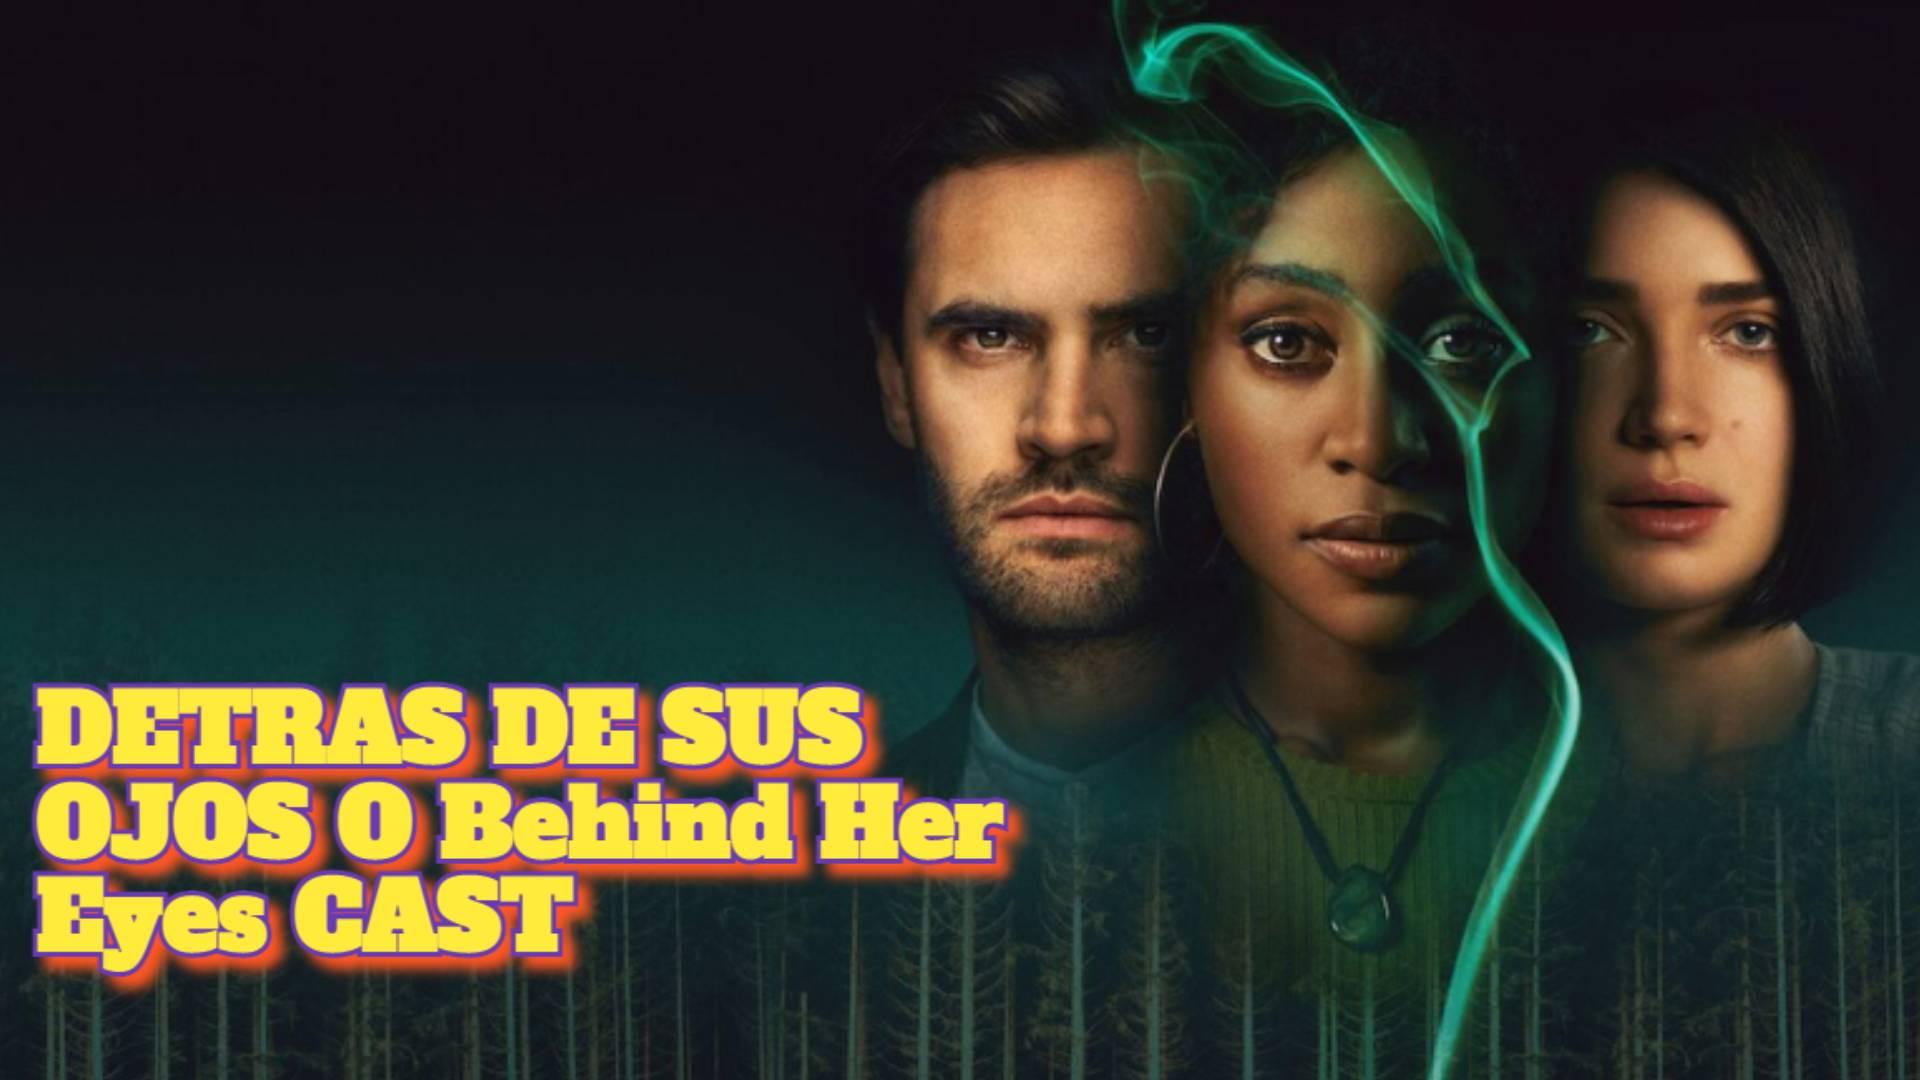 ACTORES, CAST, ELENCO, REPARTO de DETRAS DE SUS OJOS O Behind Her Eyes